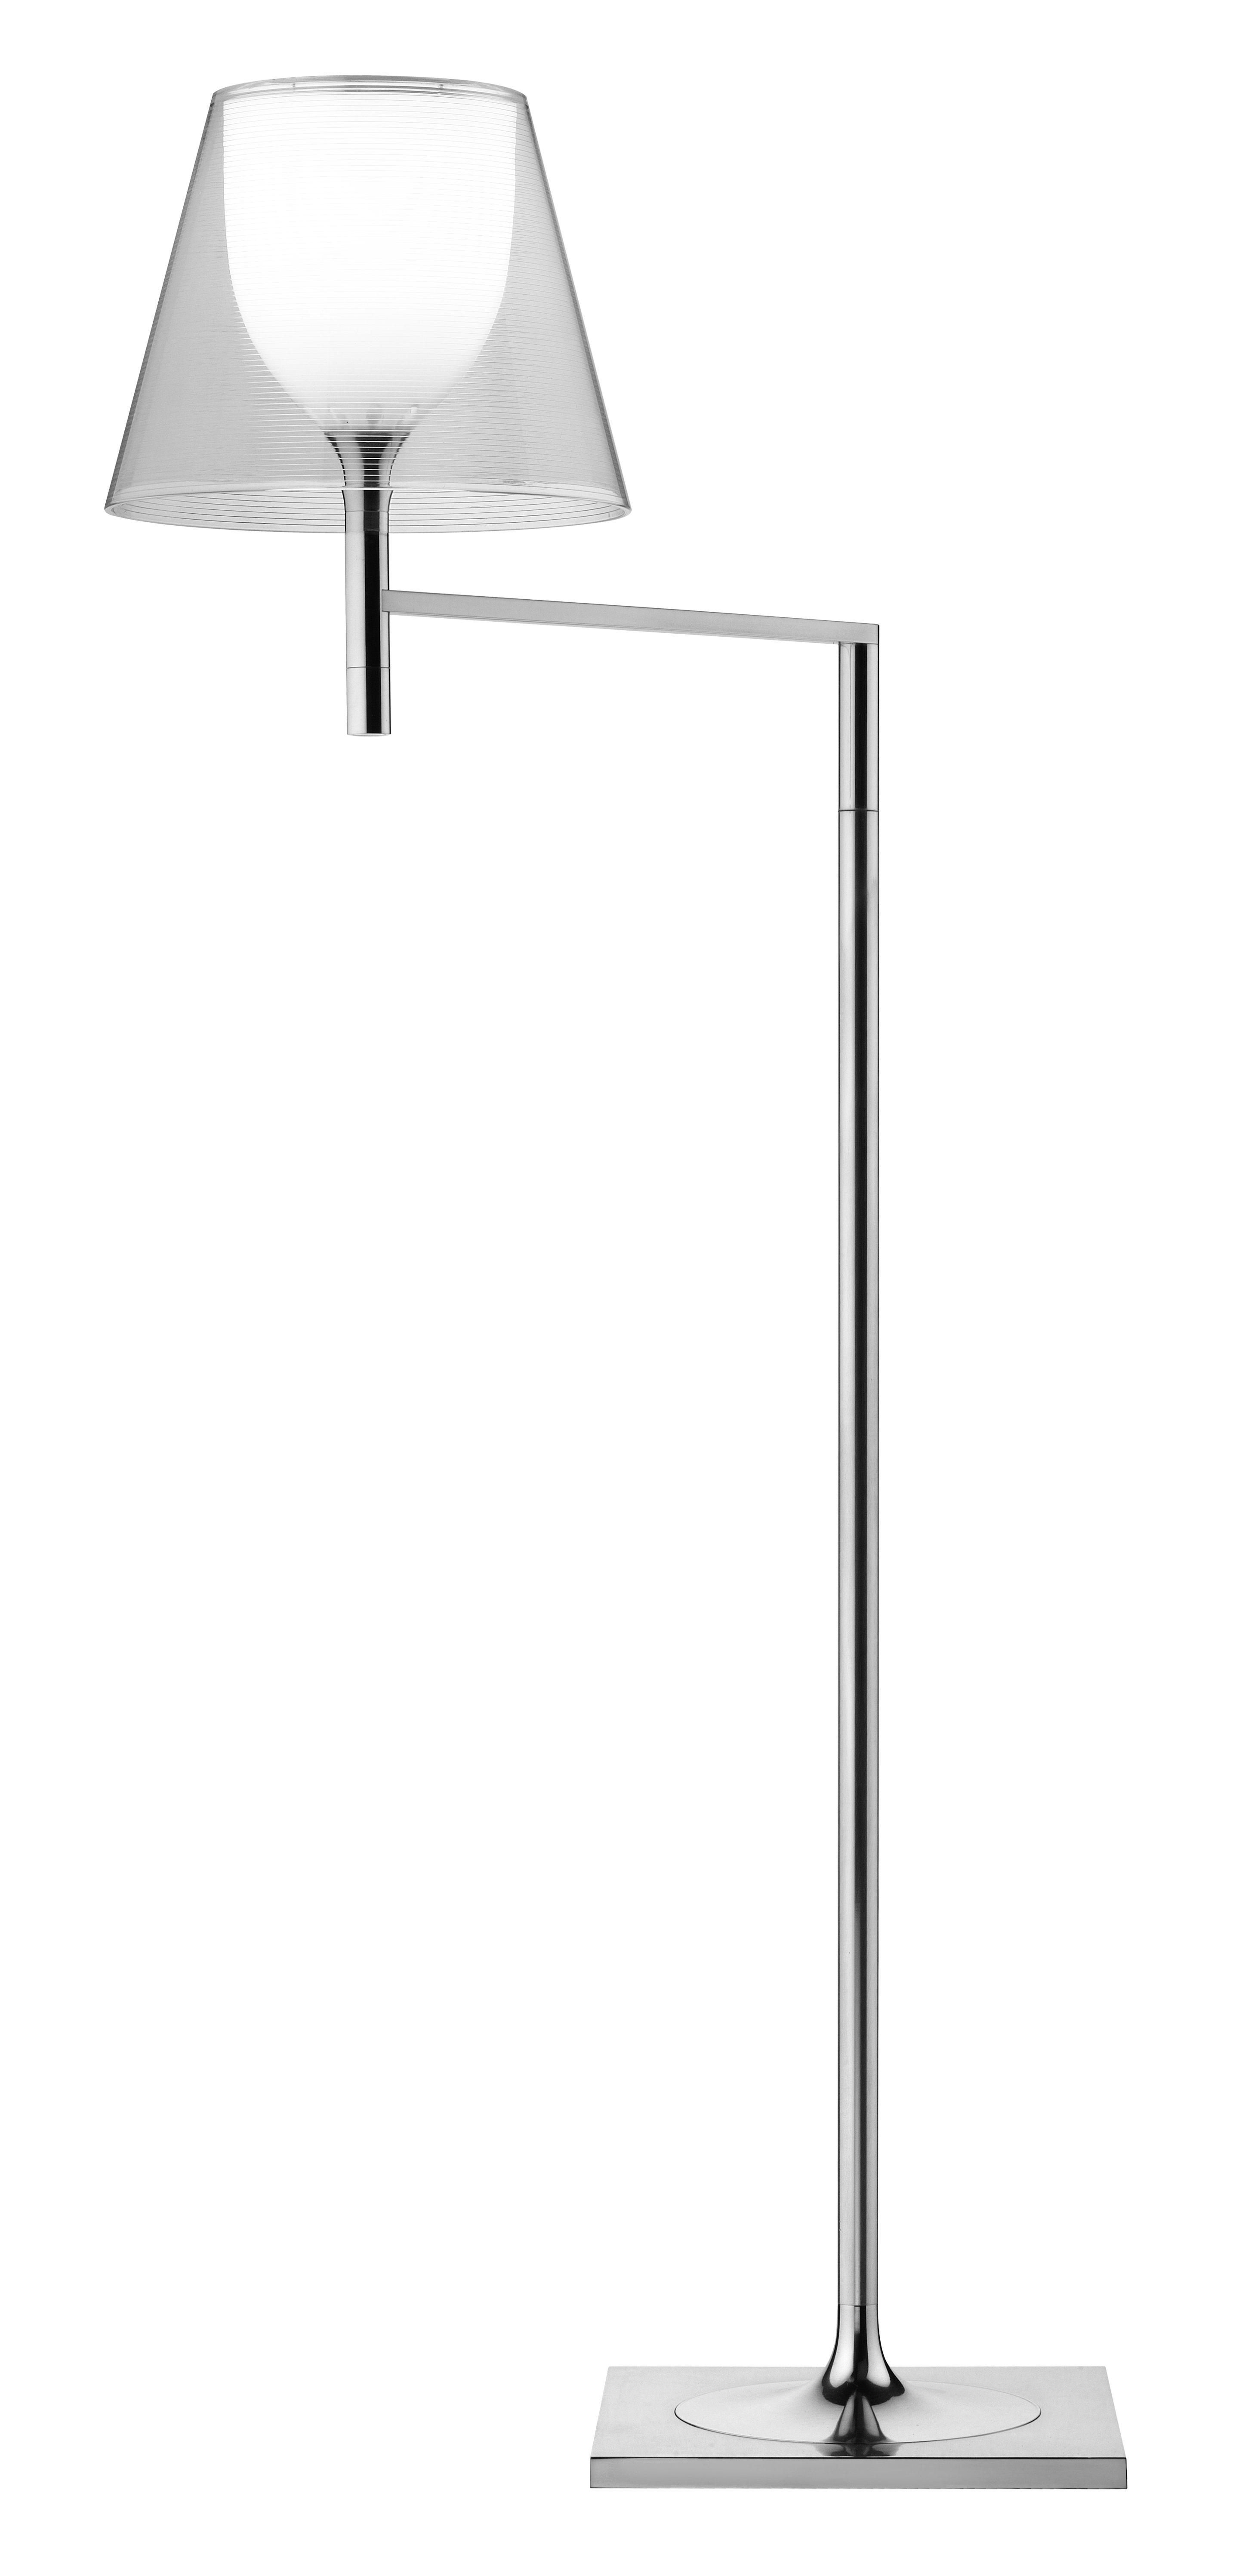 Leuchten - Stehleuchten - K Tribe F1 Stehleuchte H 112 cm - Flos - Transparent - PMMA, poliertes Aluminium